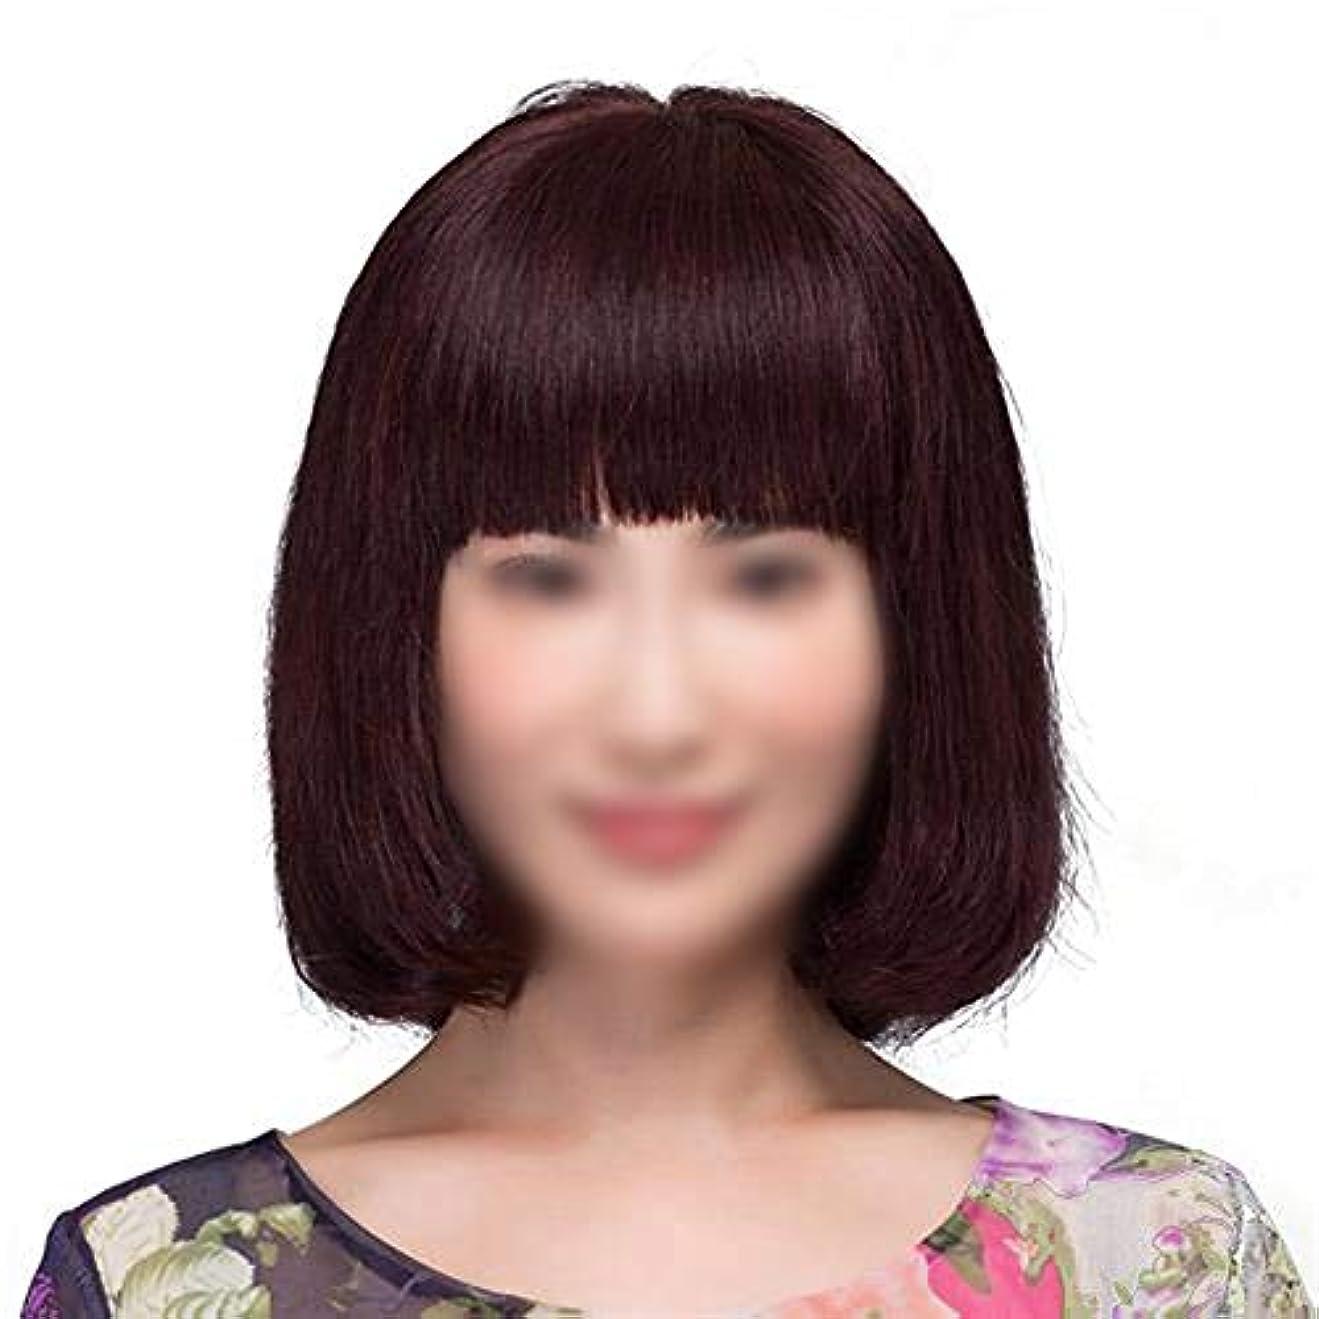 抗生物質浸漬テレックスYOUQIU 女子ショートストレートヘアーボブウィッグレアル髪ふわふわナチュラル鎖骨Hairdailyドレスウィッグ (色 : Dark brown)